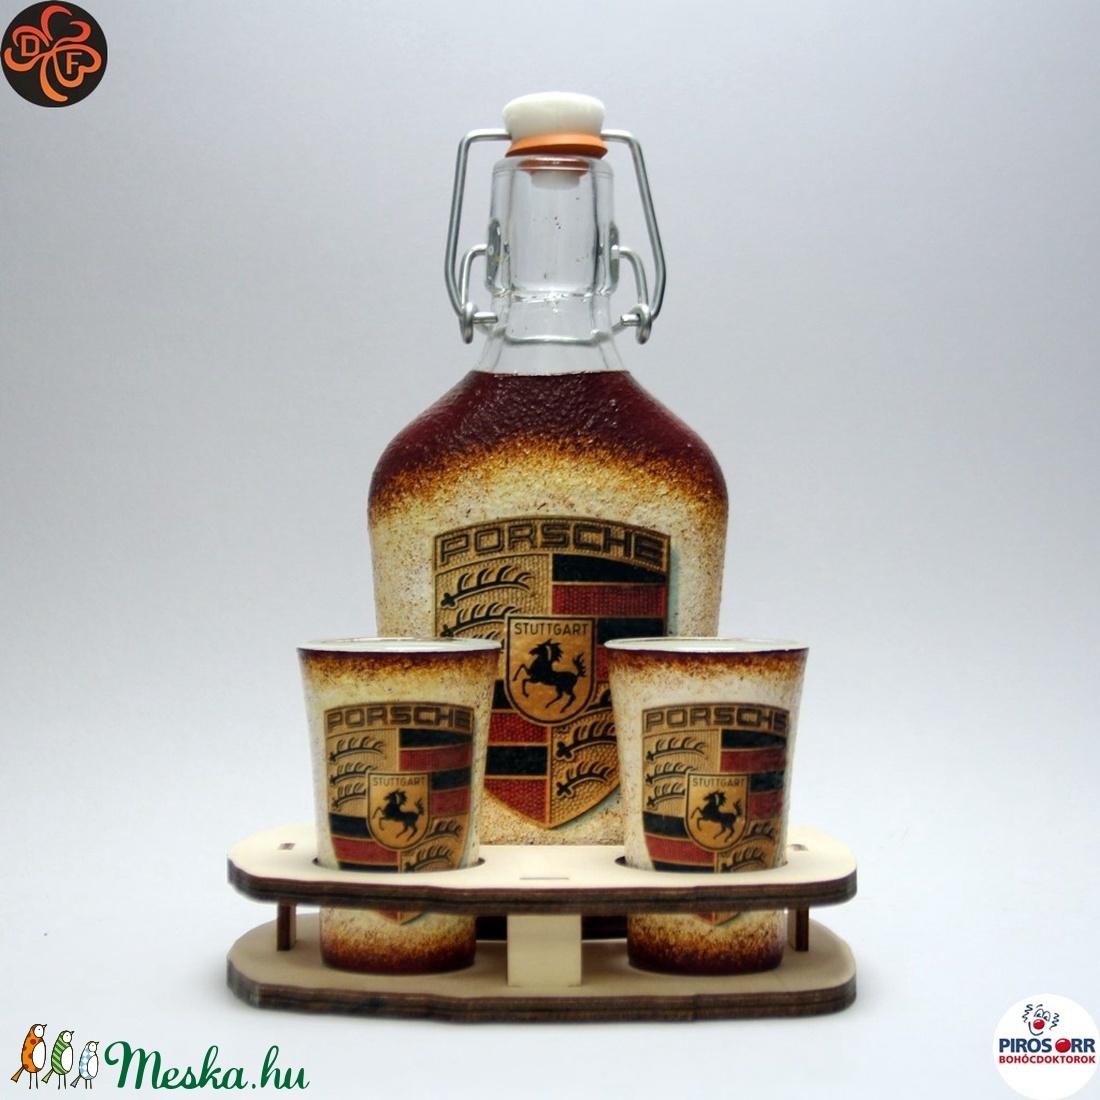 PORSCHE italos készlet ; Prémium minőségben (decorfantasy) - Meska.hu